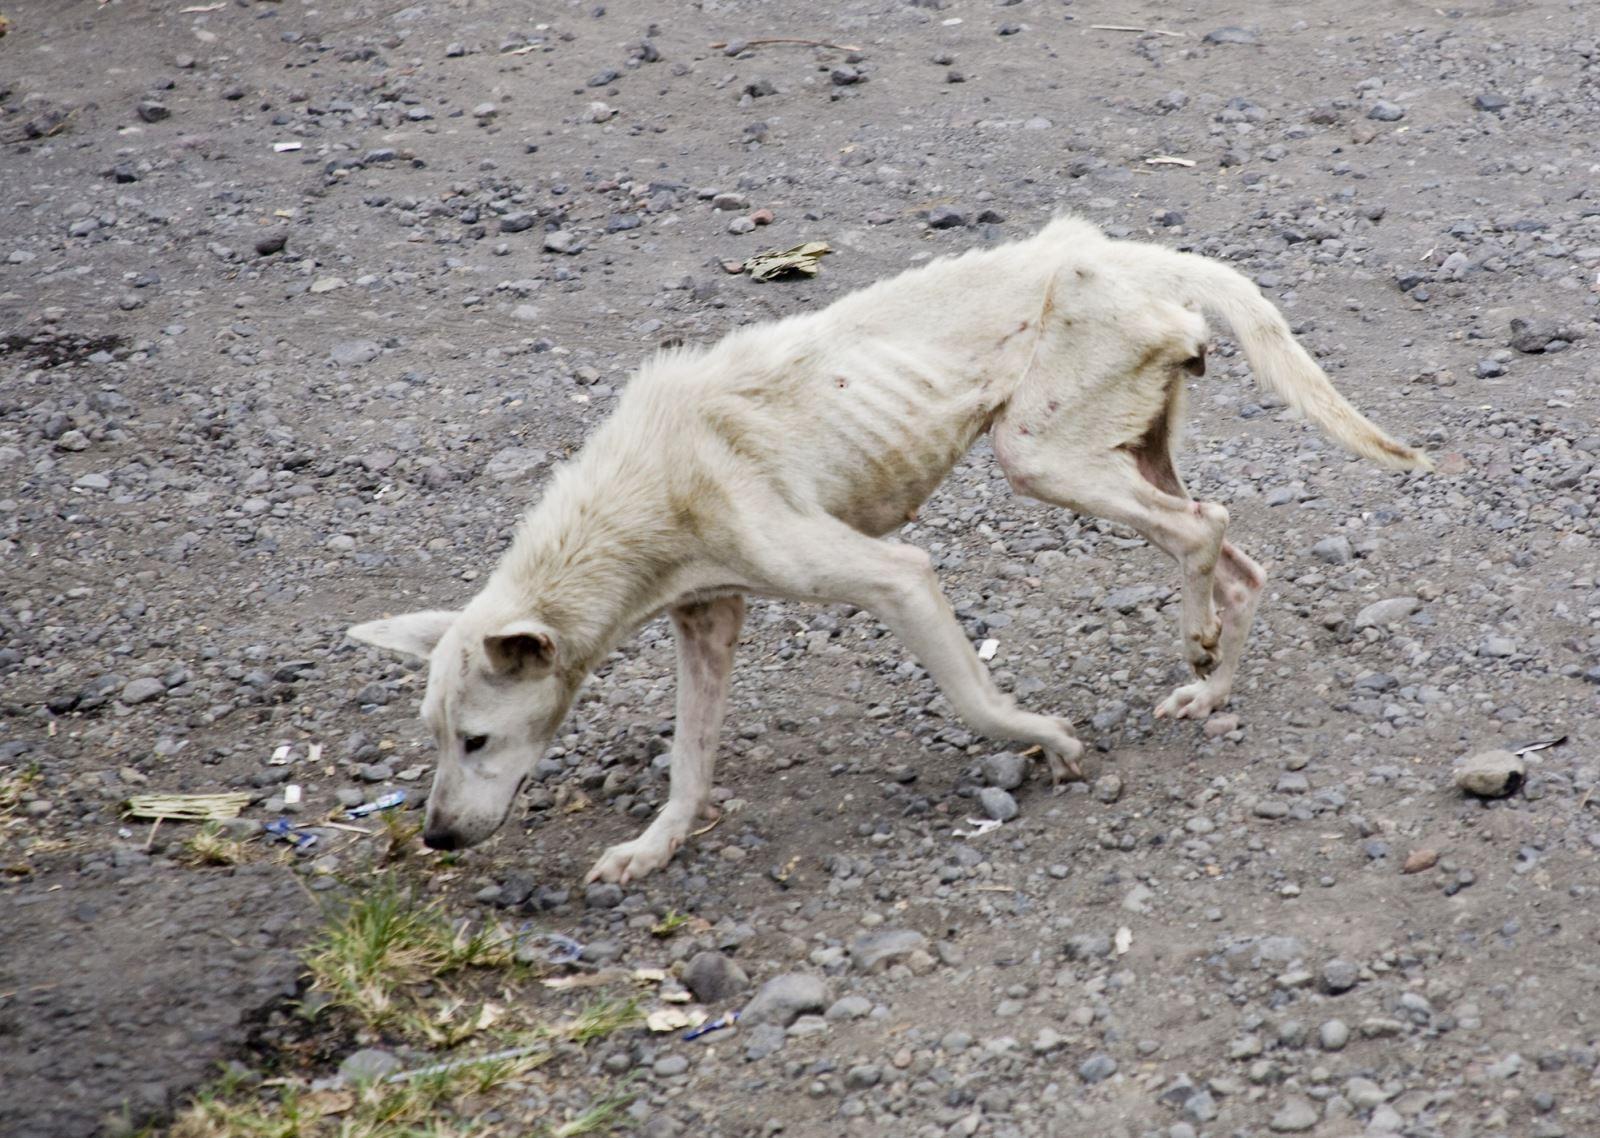 חולצו שלושה כלבים באילת שעברו התעללות קשה